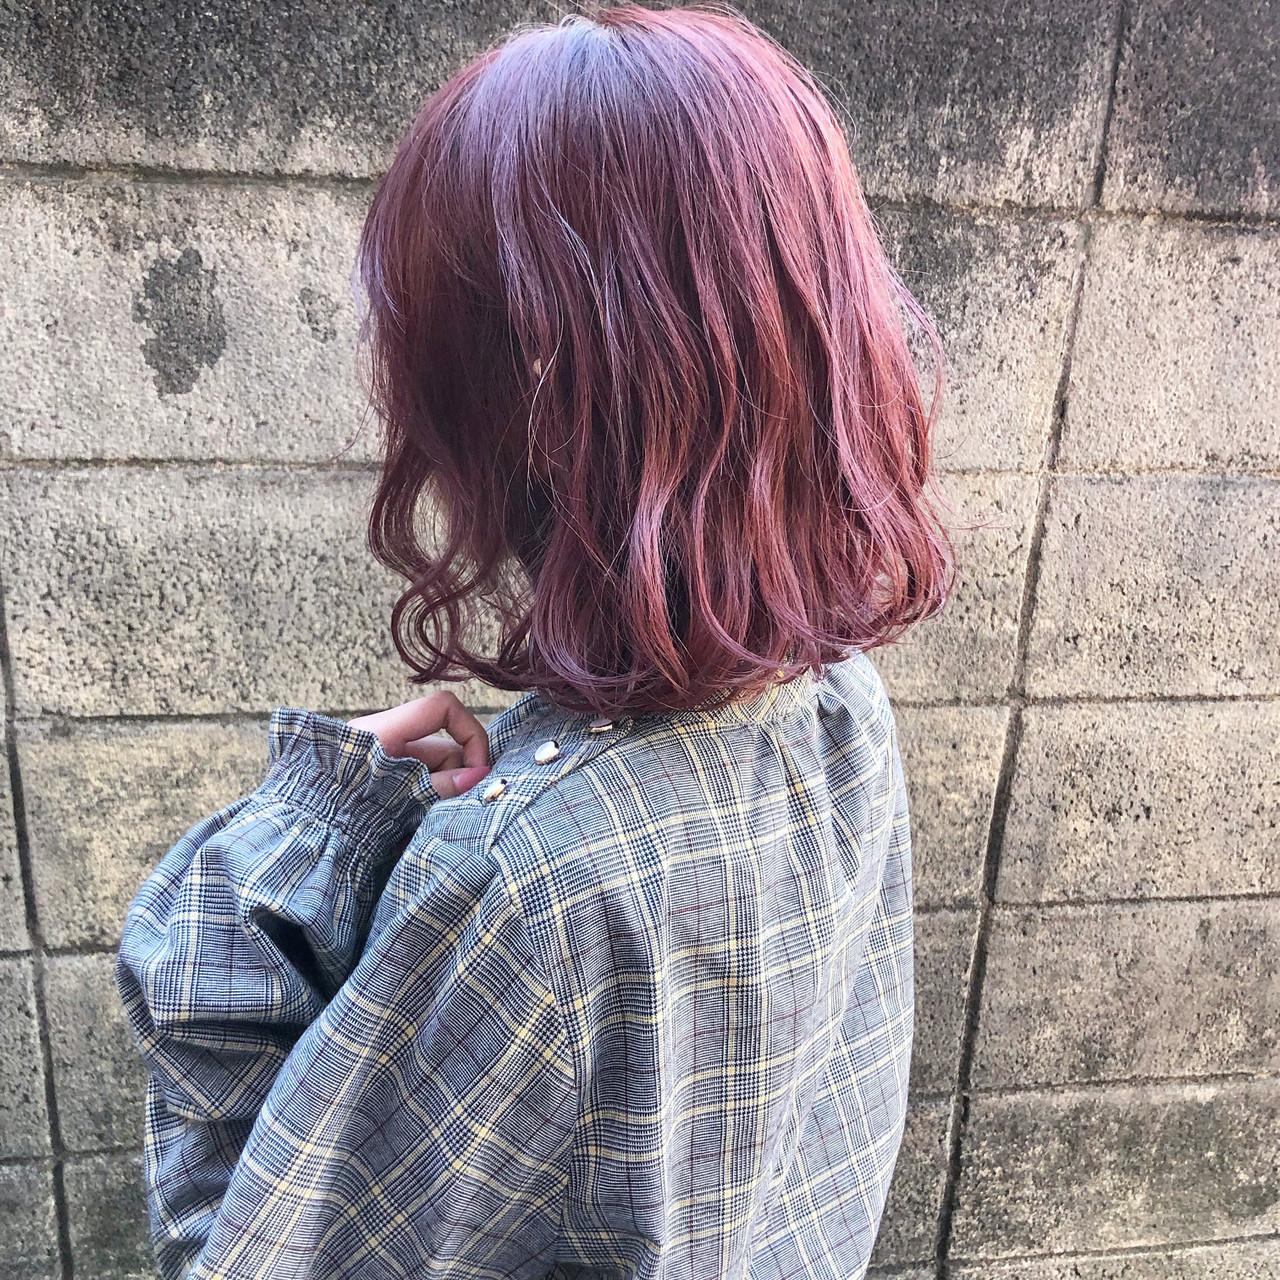 アンニュイほつれヘア ハイトーン ボブ 切りっぱなしボブ ヘアスタイルや髪型の写真・画像